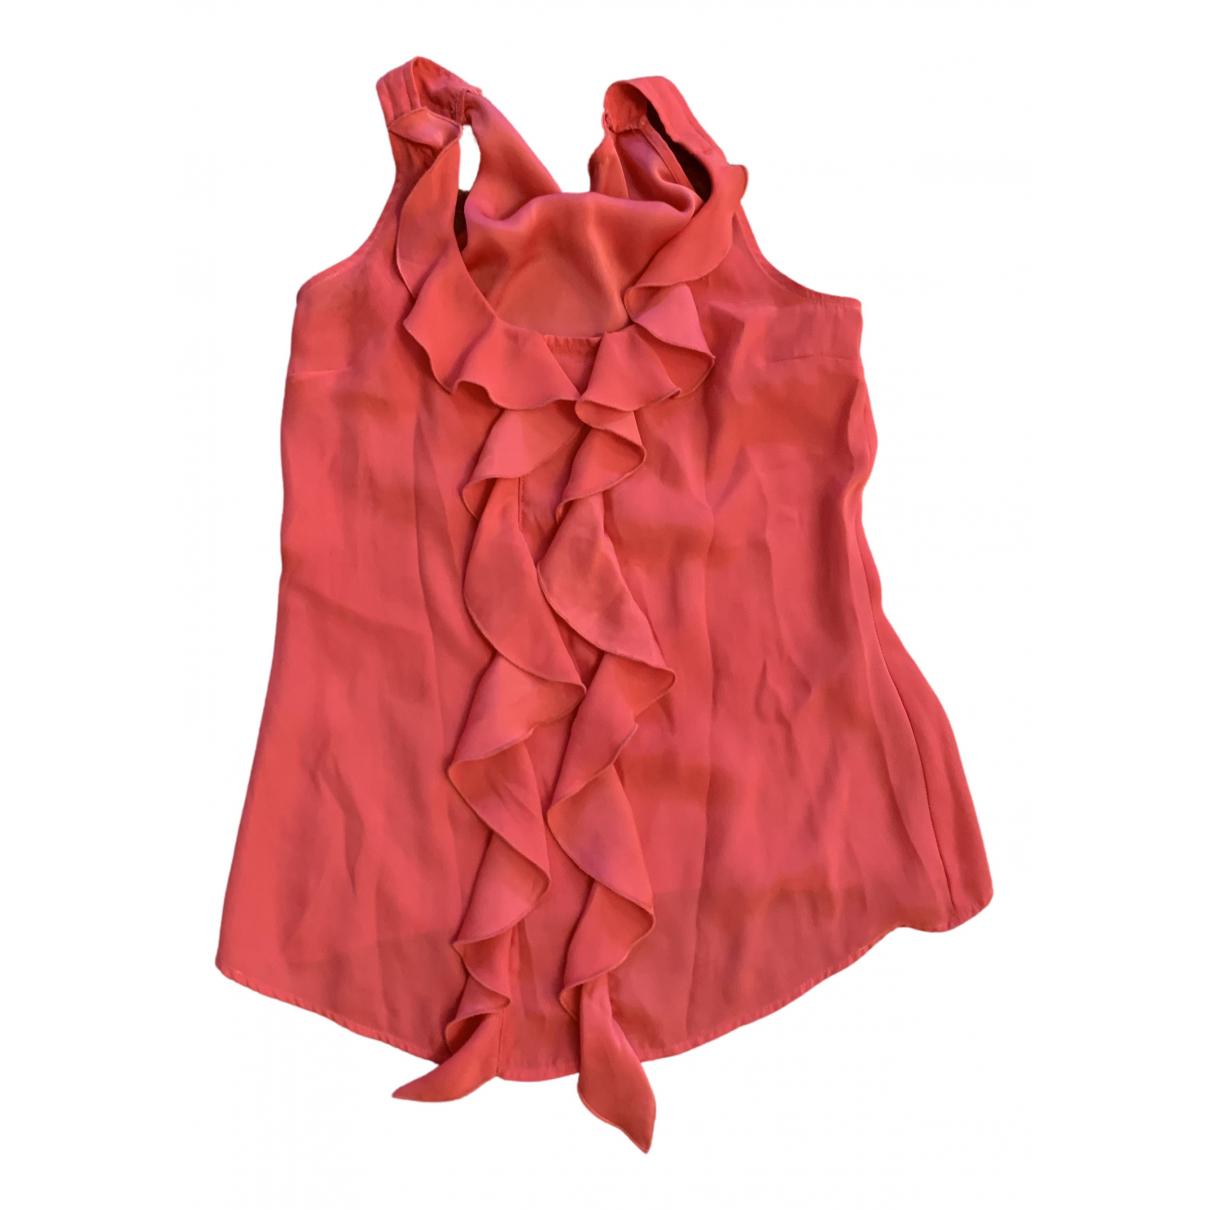 Topshop - Top   pour femme - rose